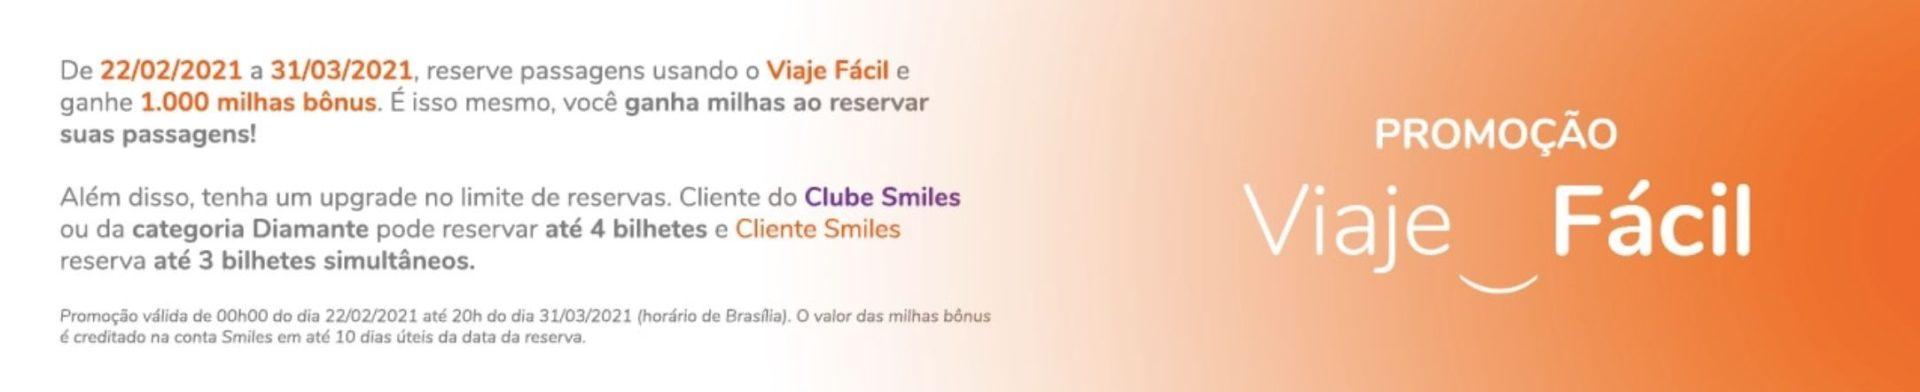 Smiles bônus Viaje Fácil